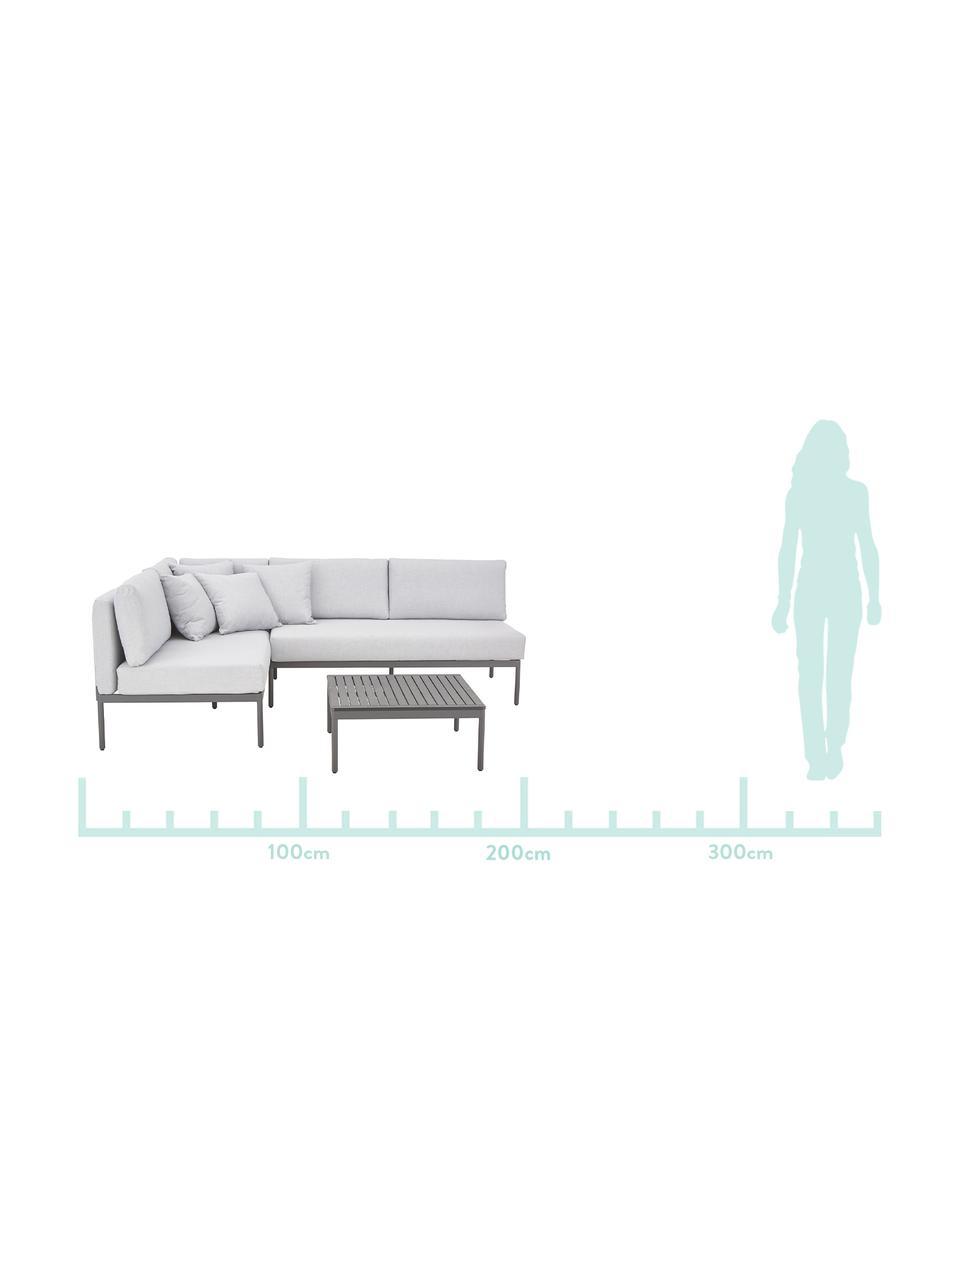 Garten-Lounge-Set Linden, 2-tlg. in Hellgrau, Bezug: 100% Polyester Der hochwe, Gestell: Metall, pulverbeschichtet, Tischplatte: Holz-Kunststoff-Verbundwe, Gestell: Metall, pulverbeschichtet, Grau, Set mit verschiedenen Größen